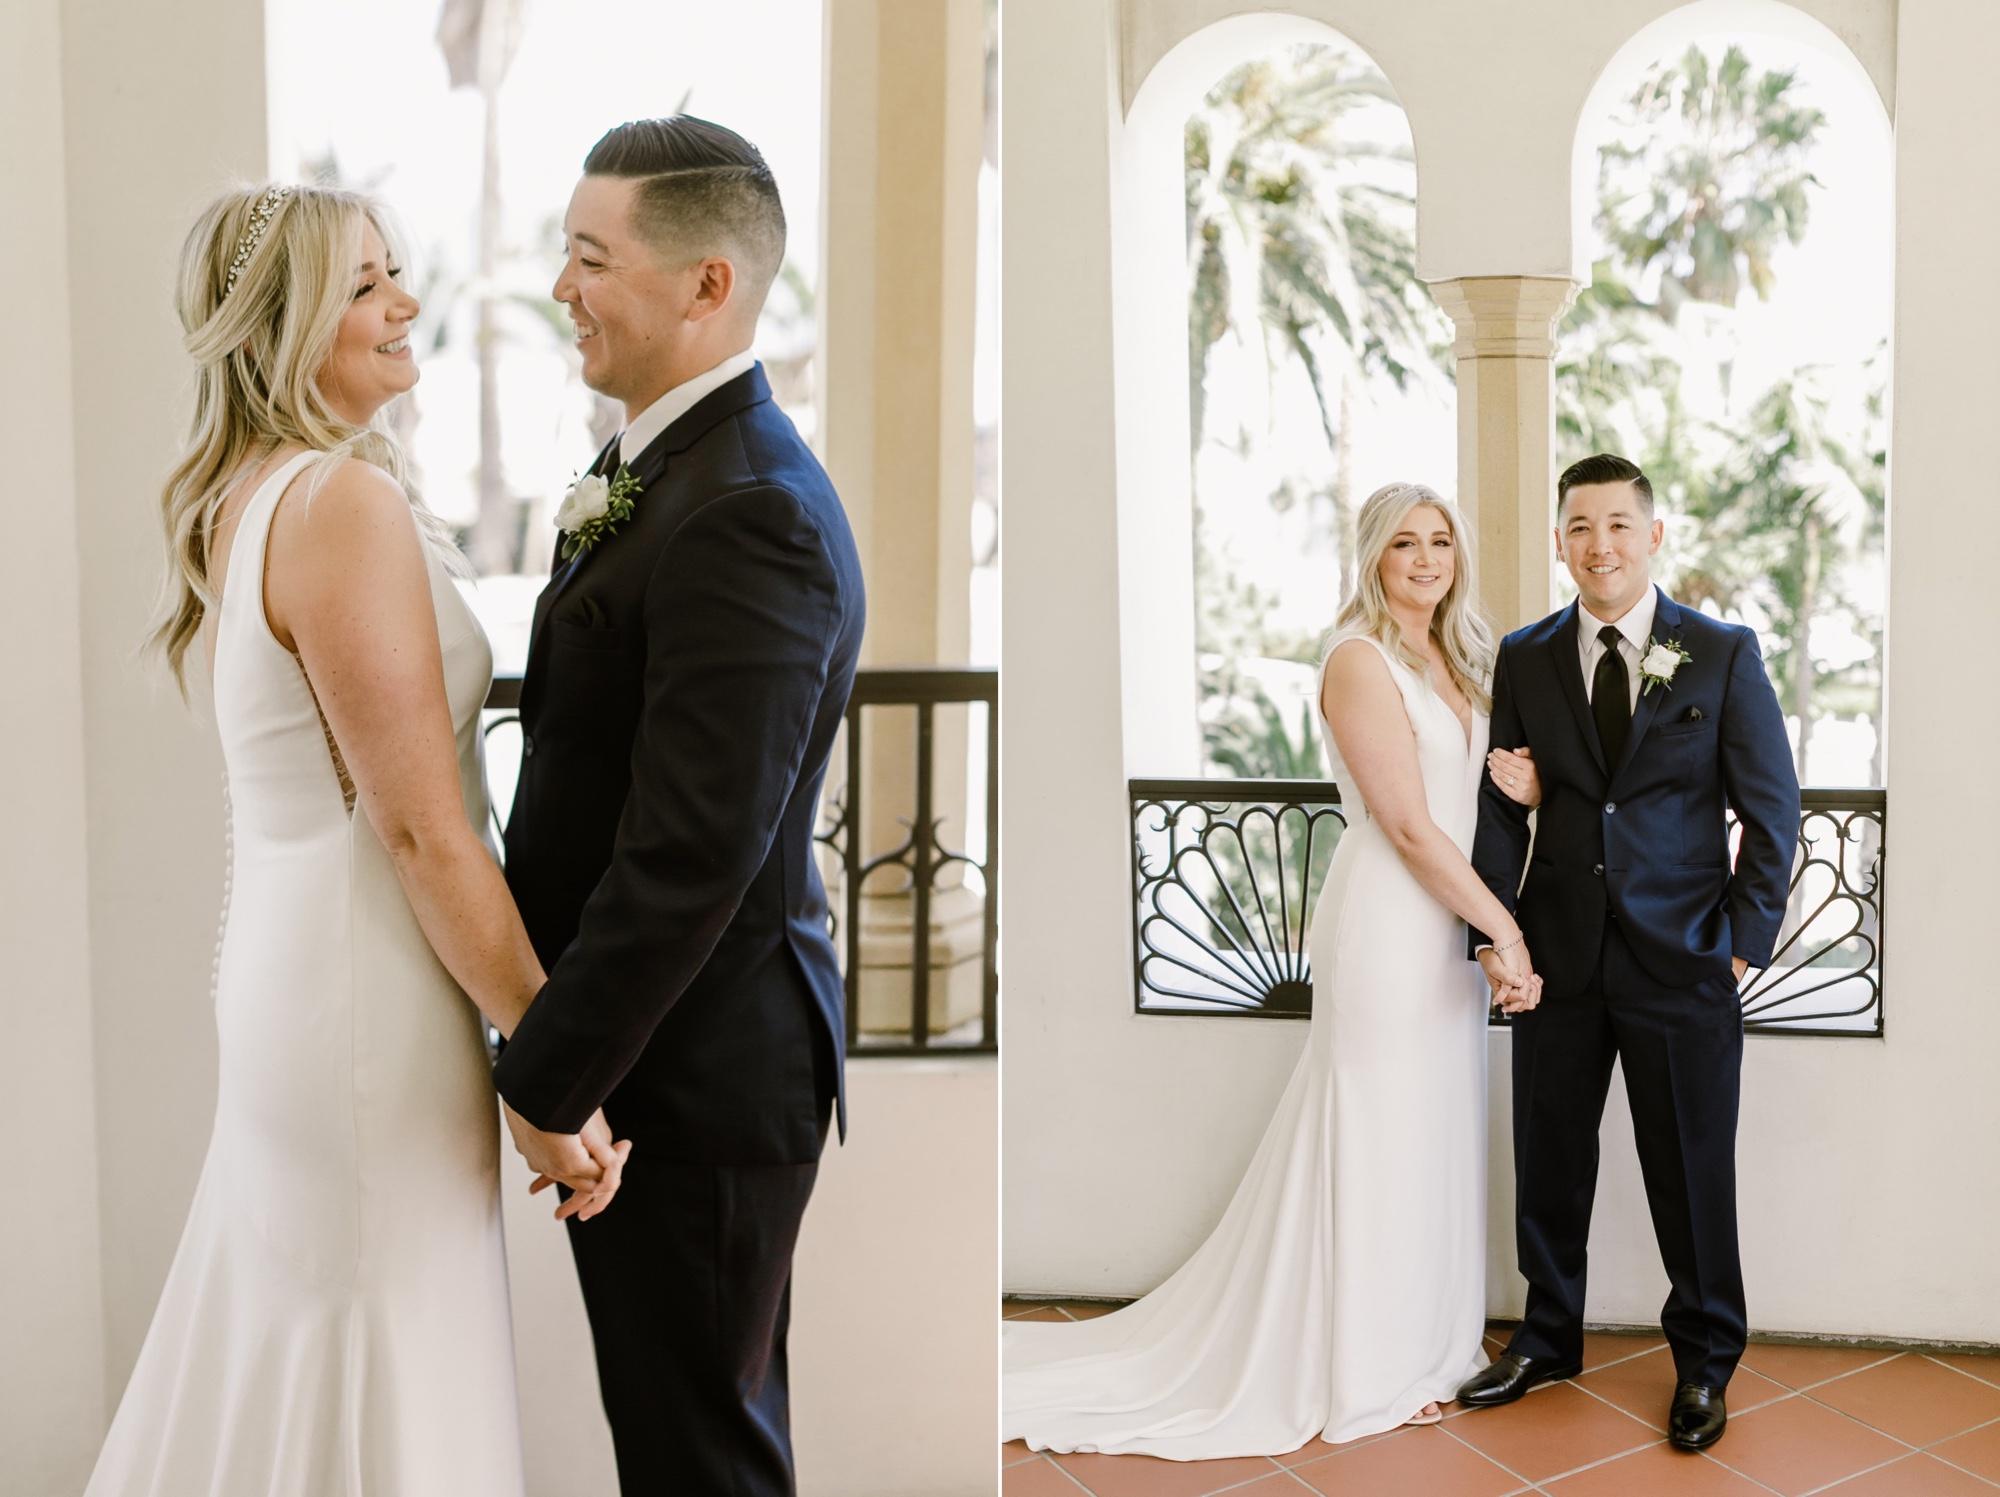 14_Ally and Tommy's Wedding-313_Ally and Tommy's Wedding-317.jpg